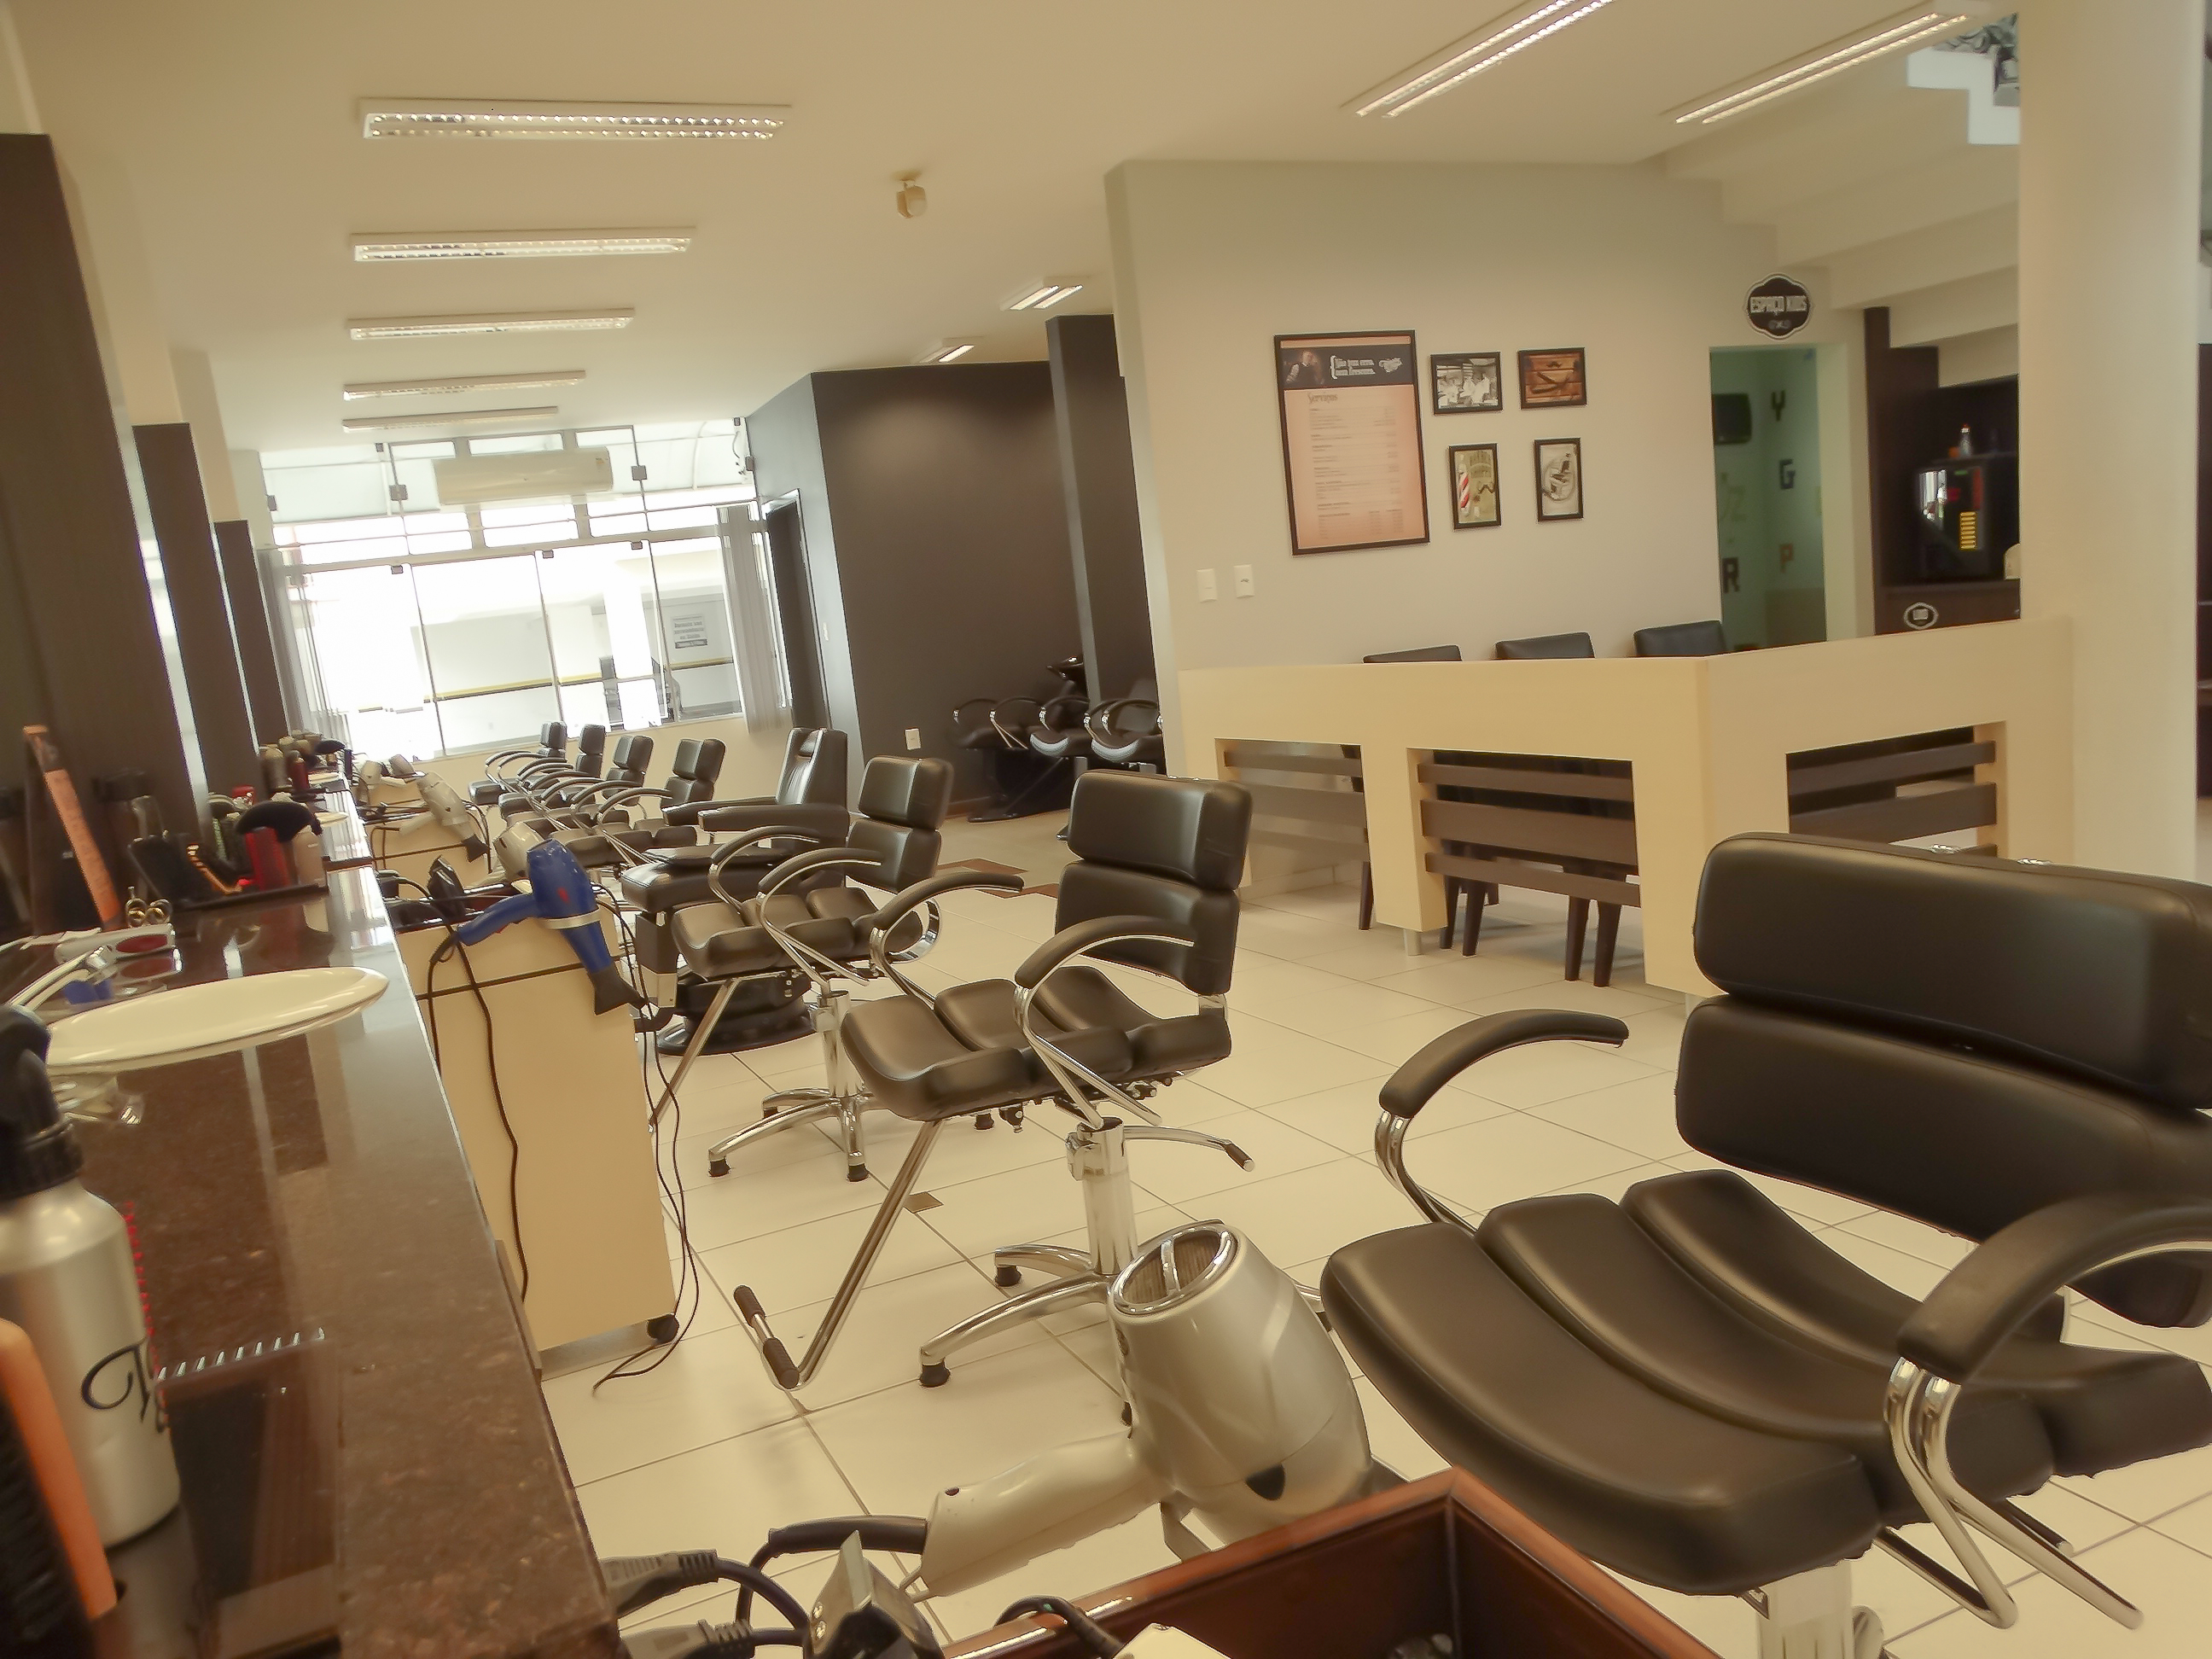 Cadeiras piso inferior